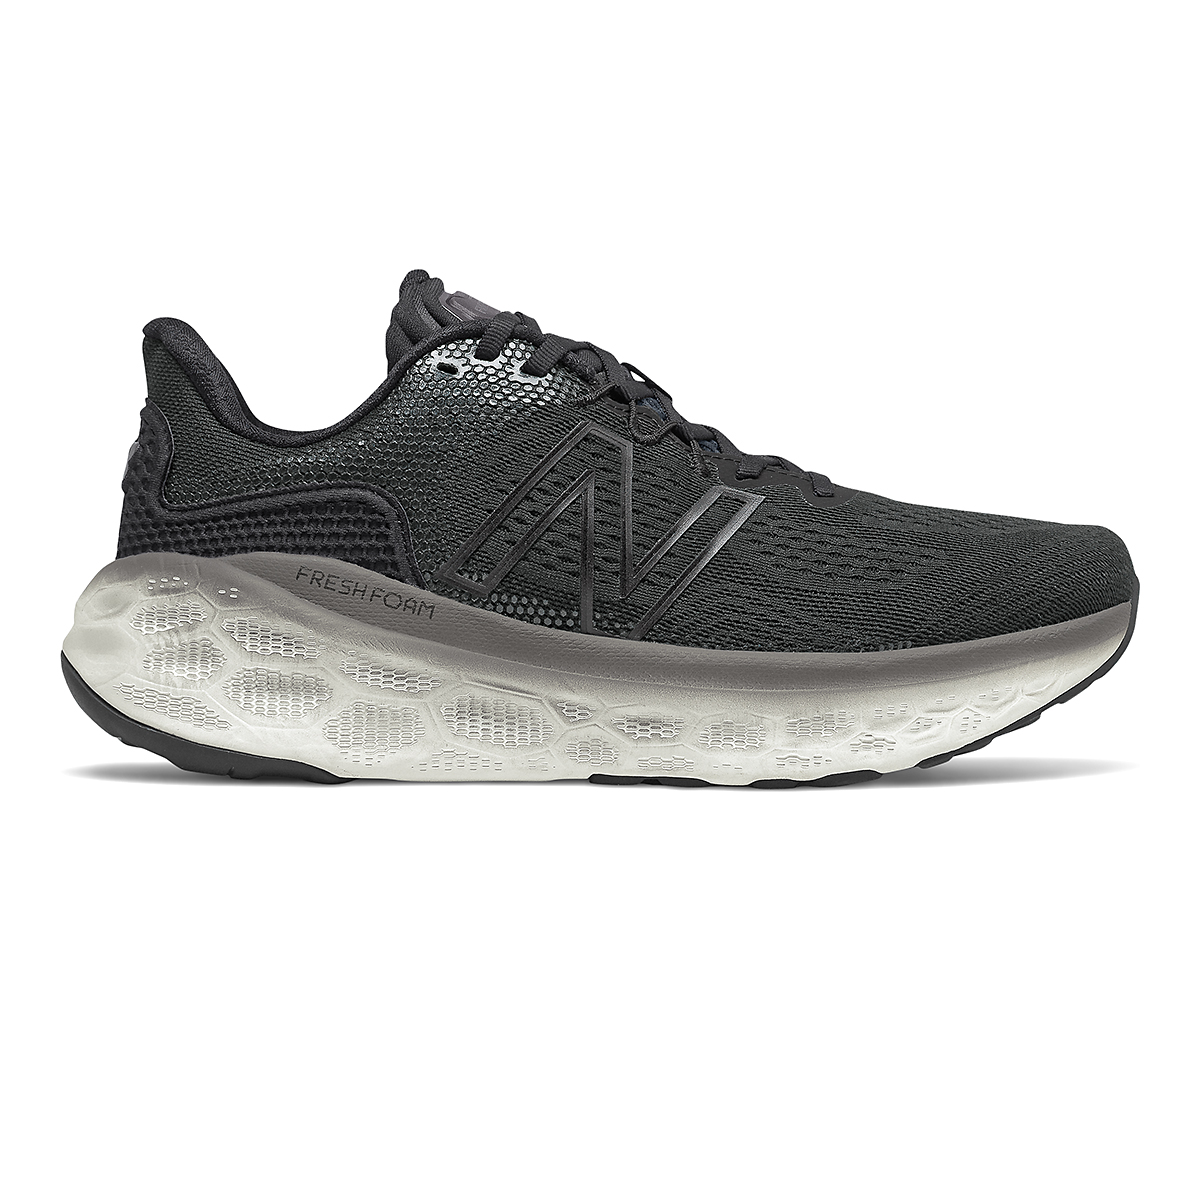 Men's New Balance Fresh Foam More V3 Running Shoe - Color: Black/Magnet - Size: 7 - Width: Wide, Black/Magnet, large, image 1